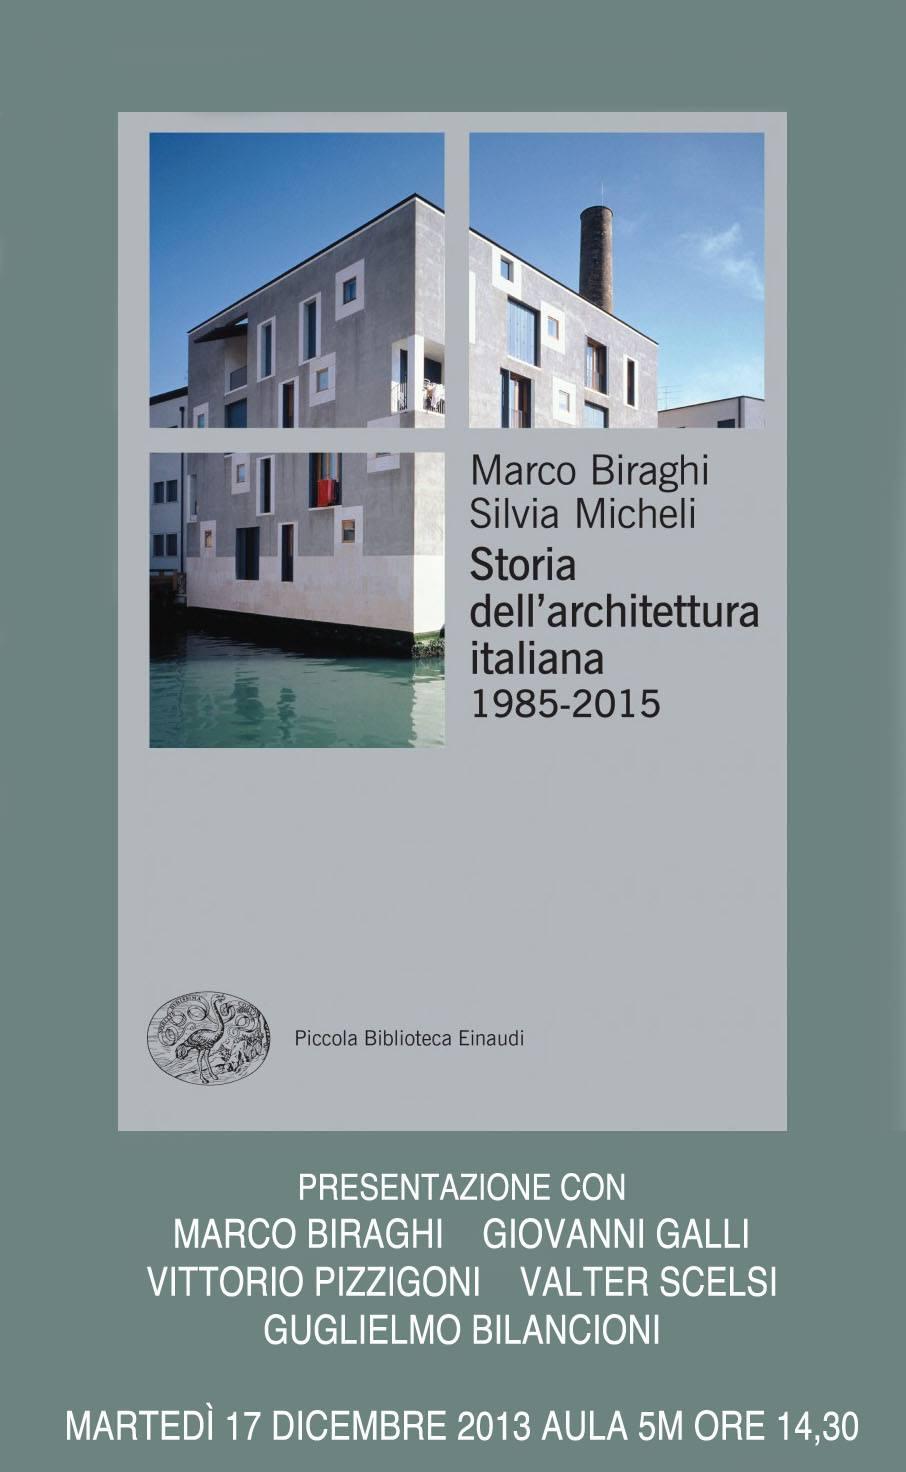 Presentazione della Storia dell'architettura italiana 1985-2015